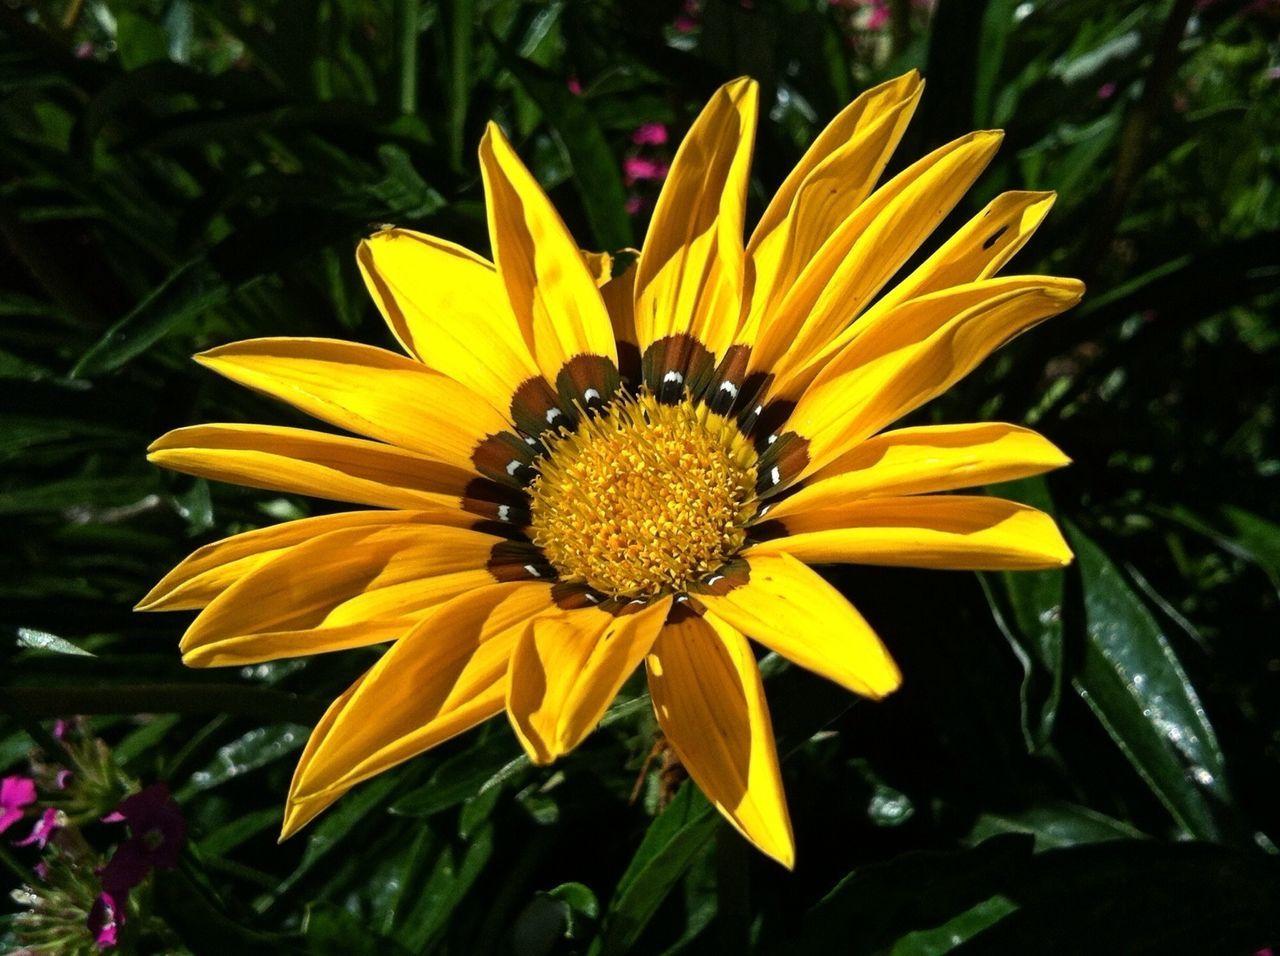 Planten Un Blomen Yellow Flower Sunlight Flower Head Nature_collection Flowerpower Flowerporn EyeEm Best Shots IPhoneography Jopesfotos - Nature